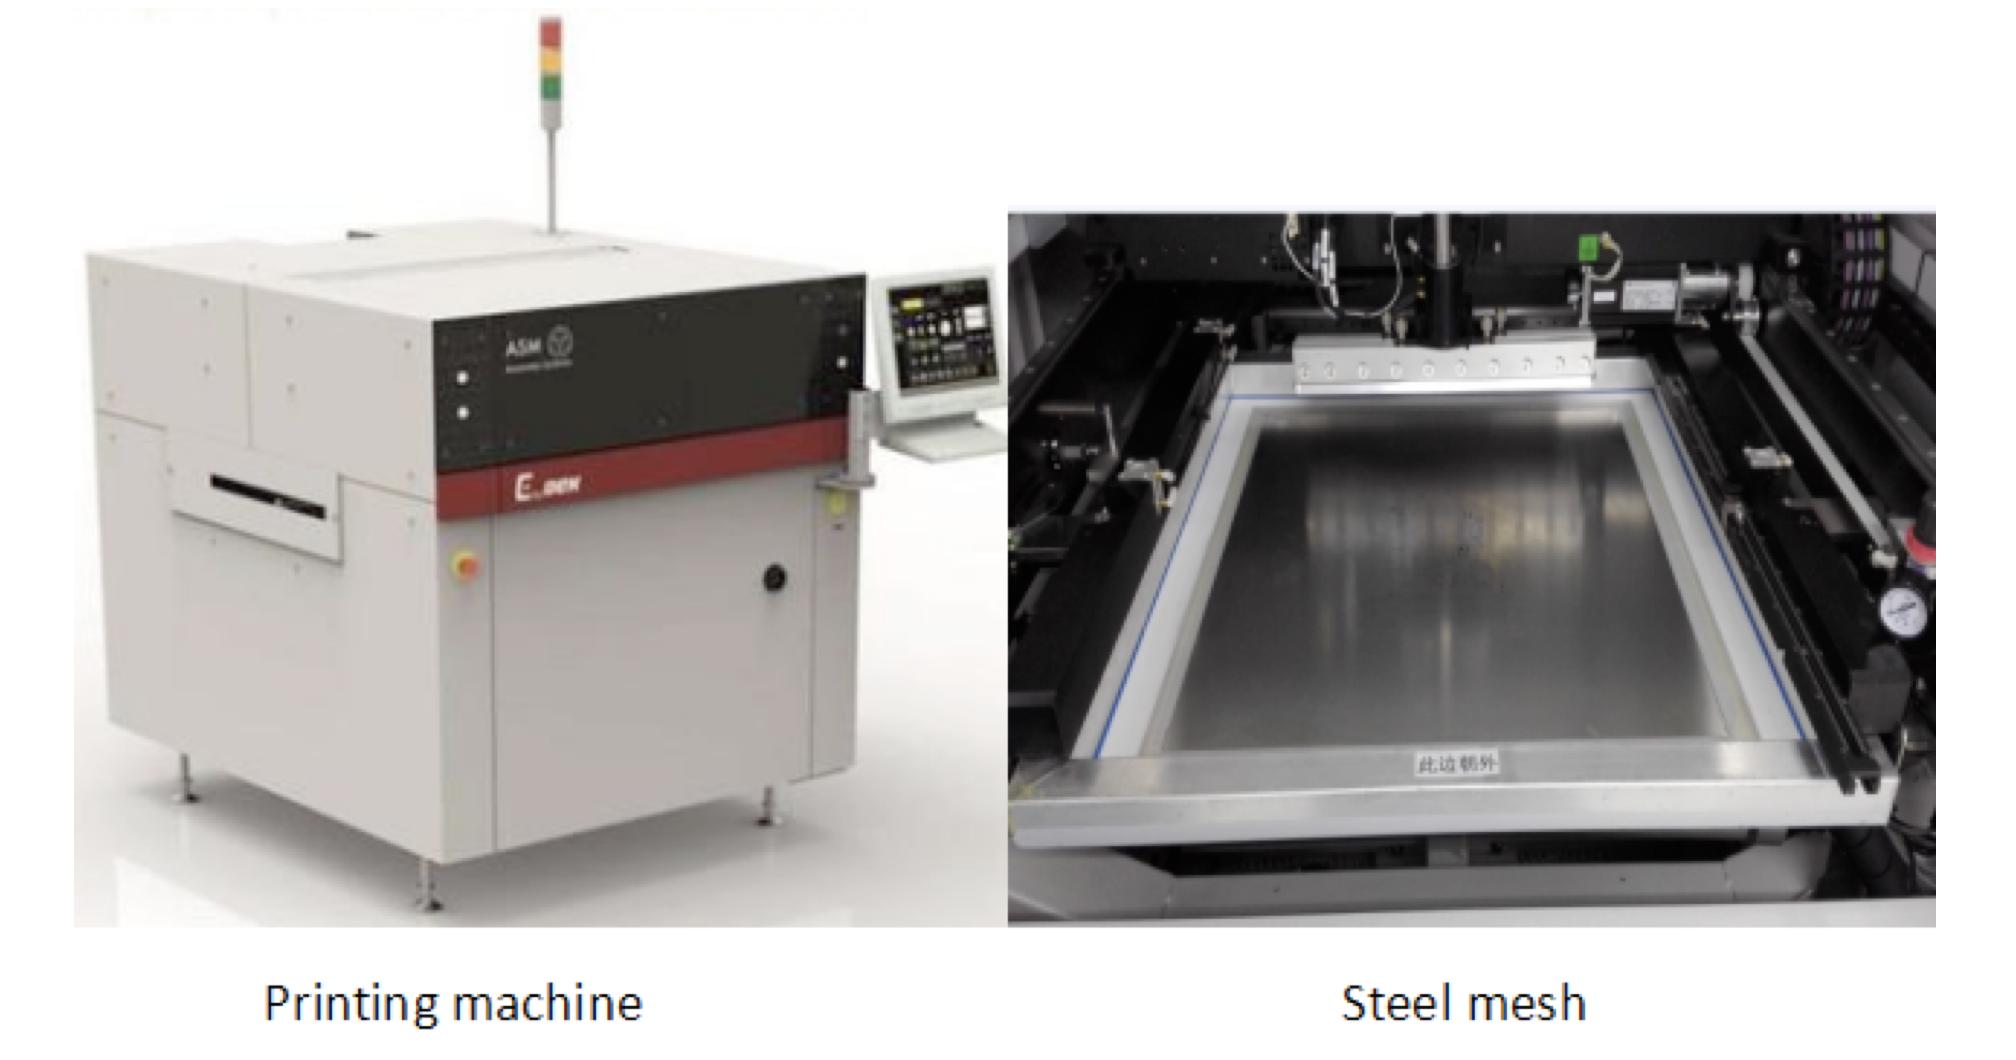 Printing machine and steel mesh